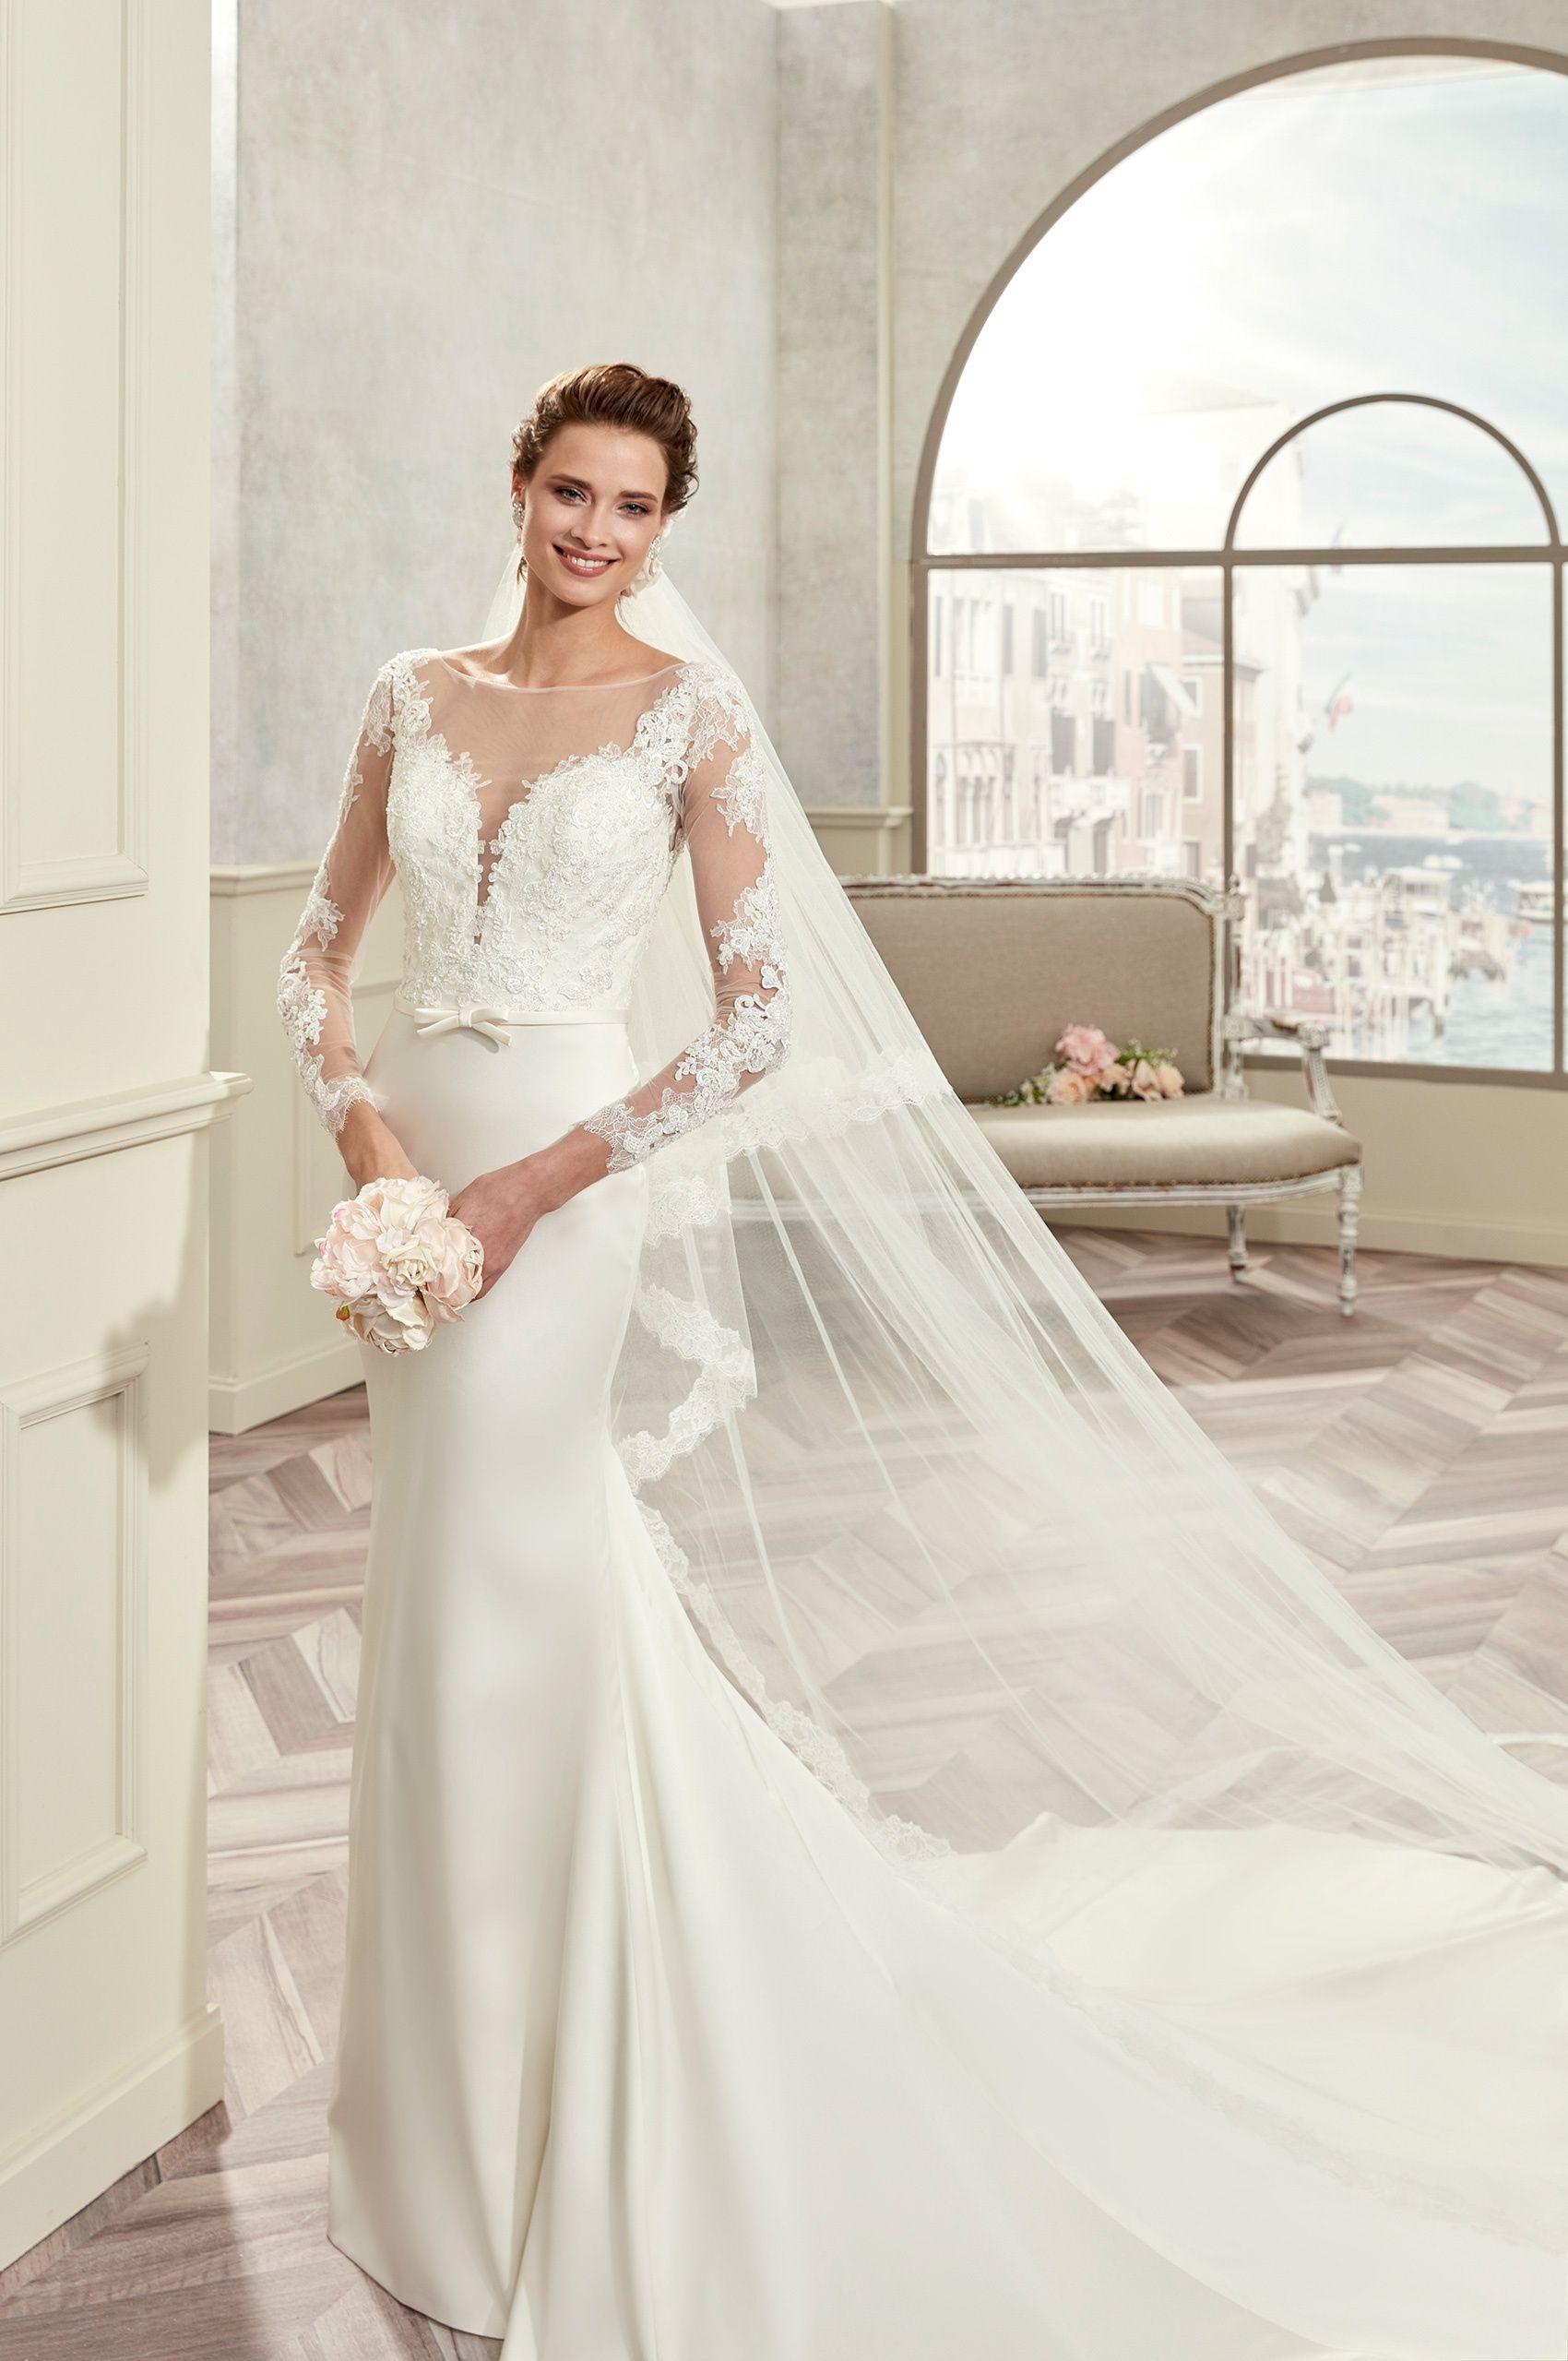 La sposa pandora wedding dress  Colet   Mariage Neustadt  Hochzeit  Pinterest  Gowns